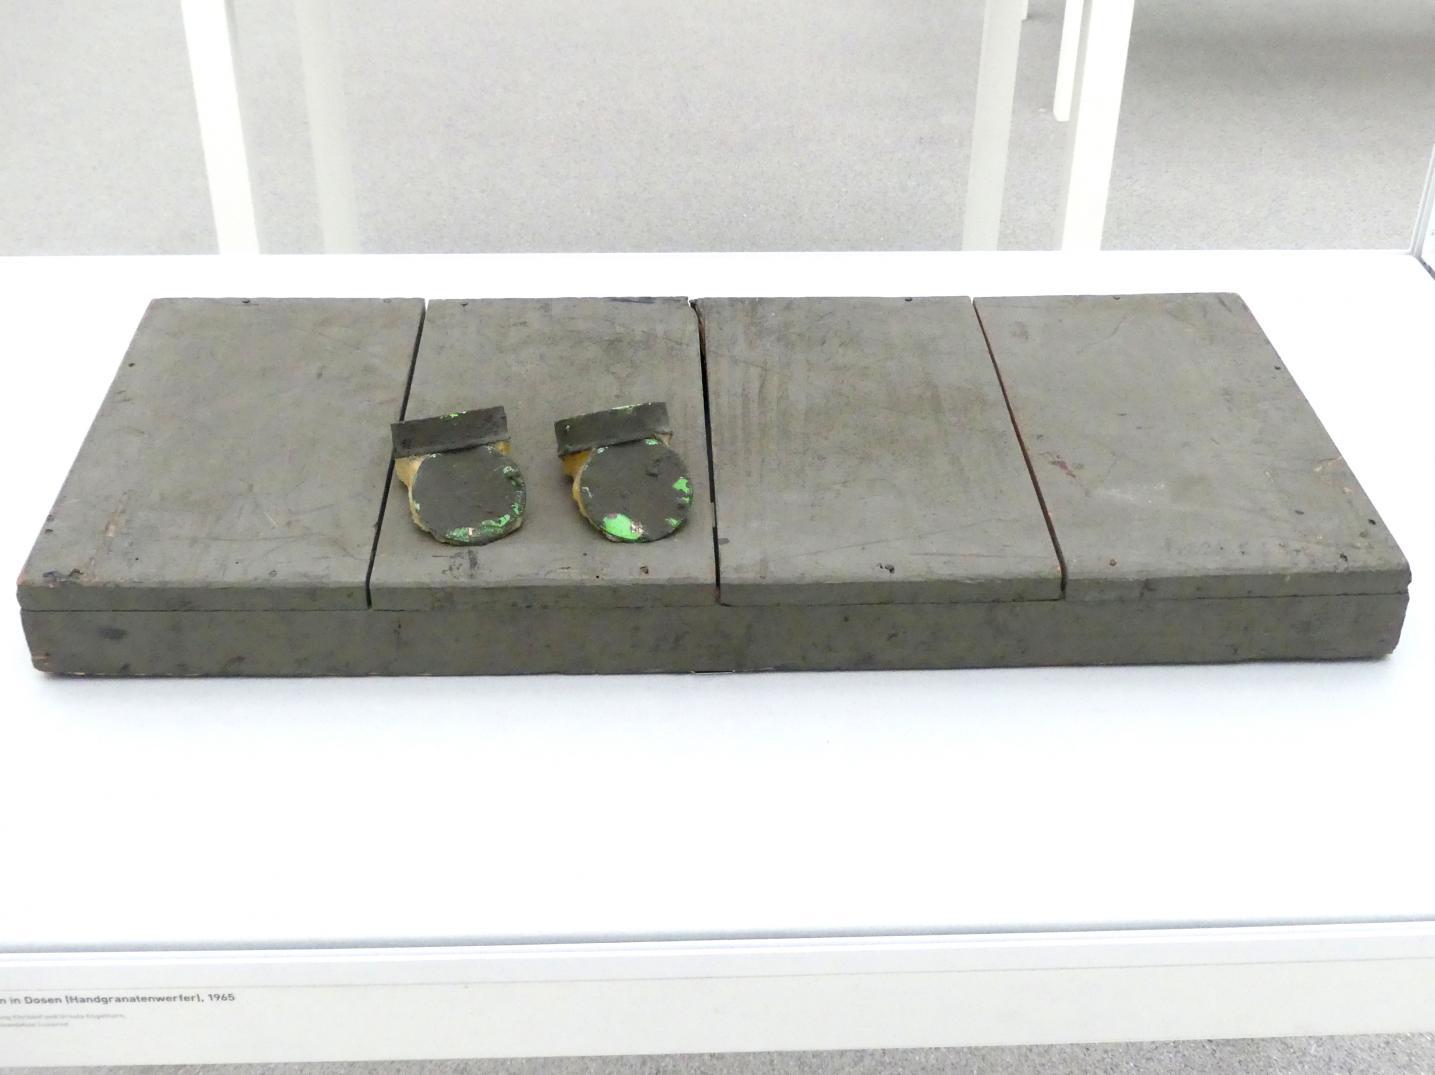 Joseph Beuys: Fettecken in Dosen (Handgranatenwerfer), 1965